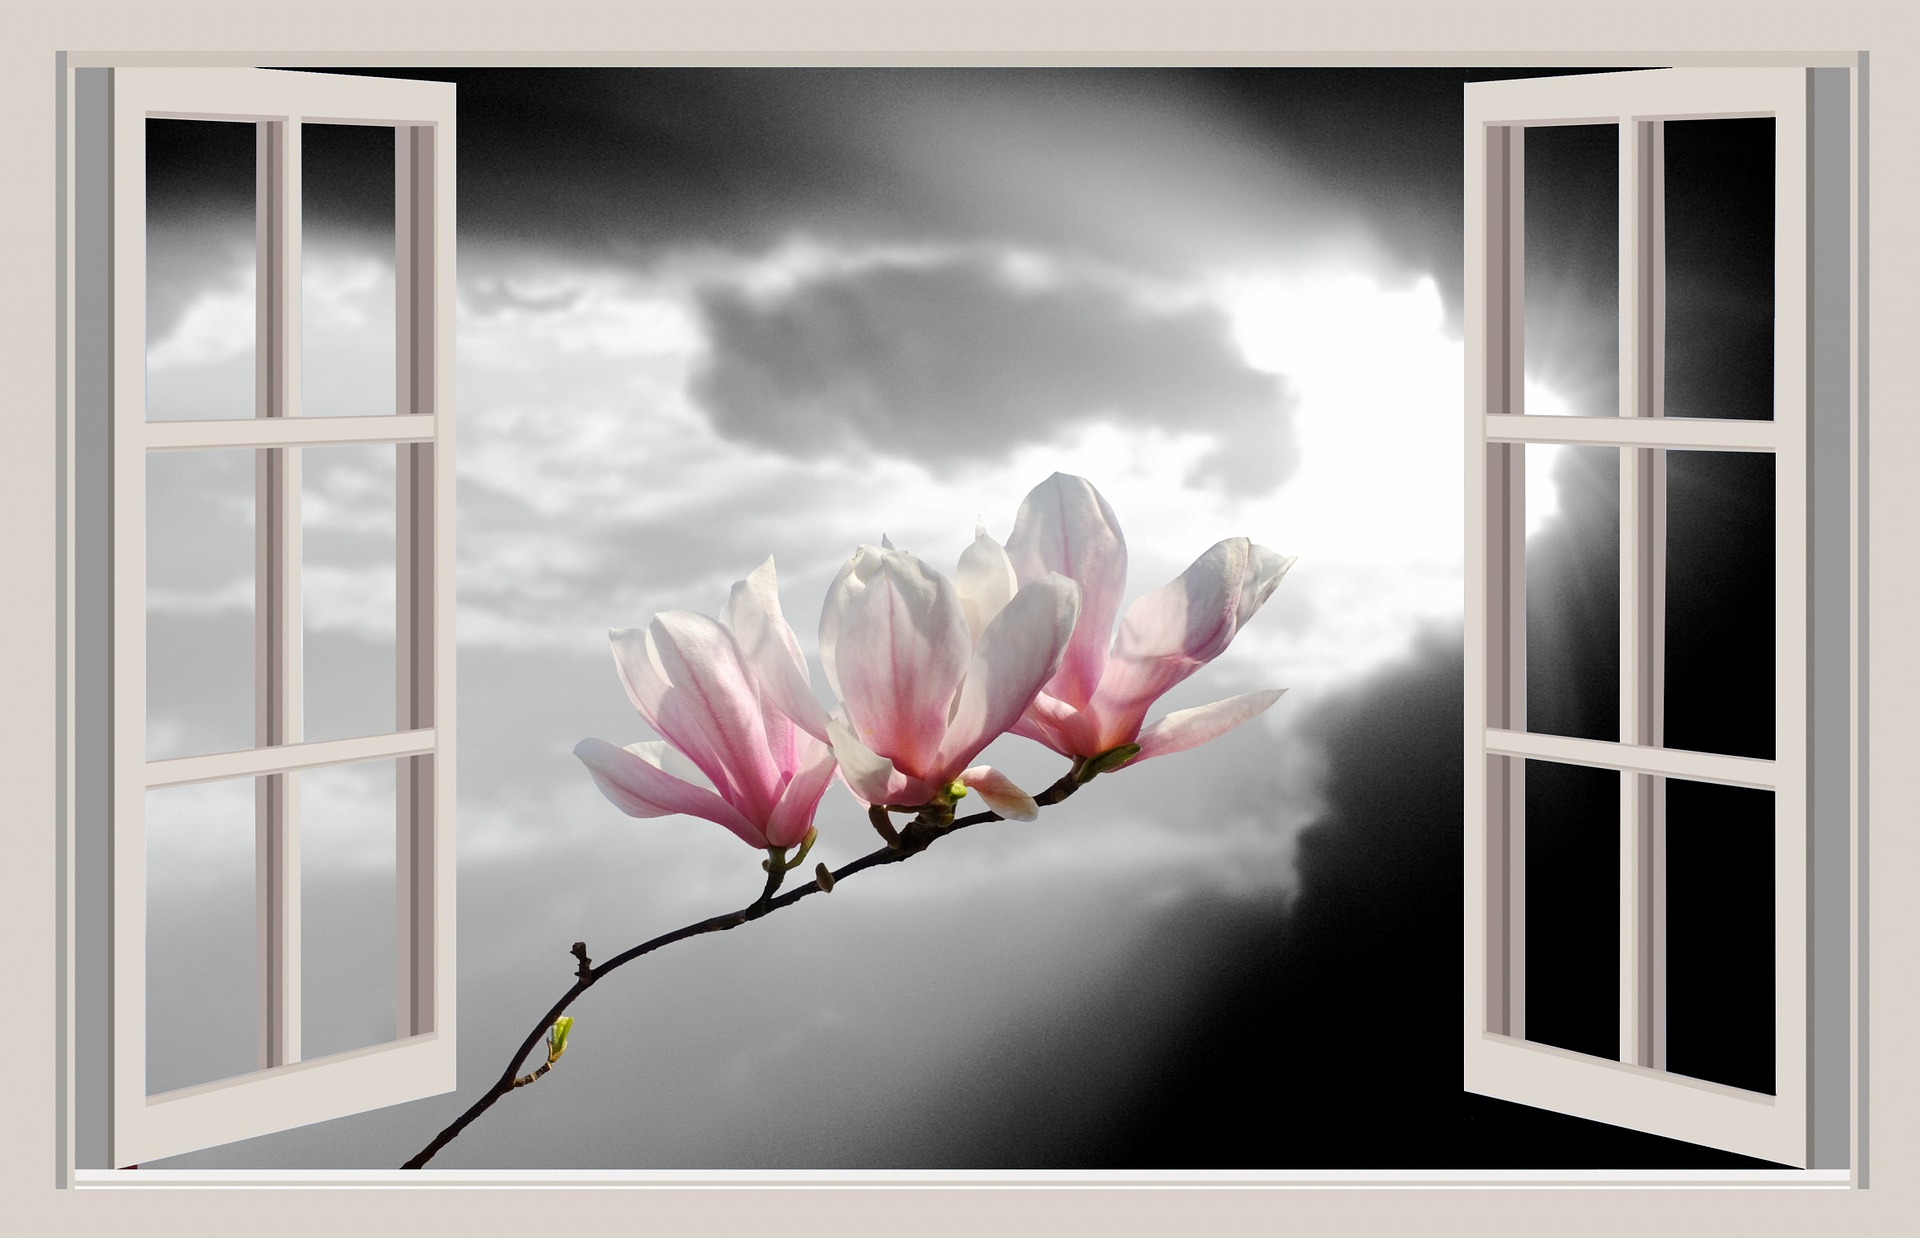 magnolia-1392460_1920